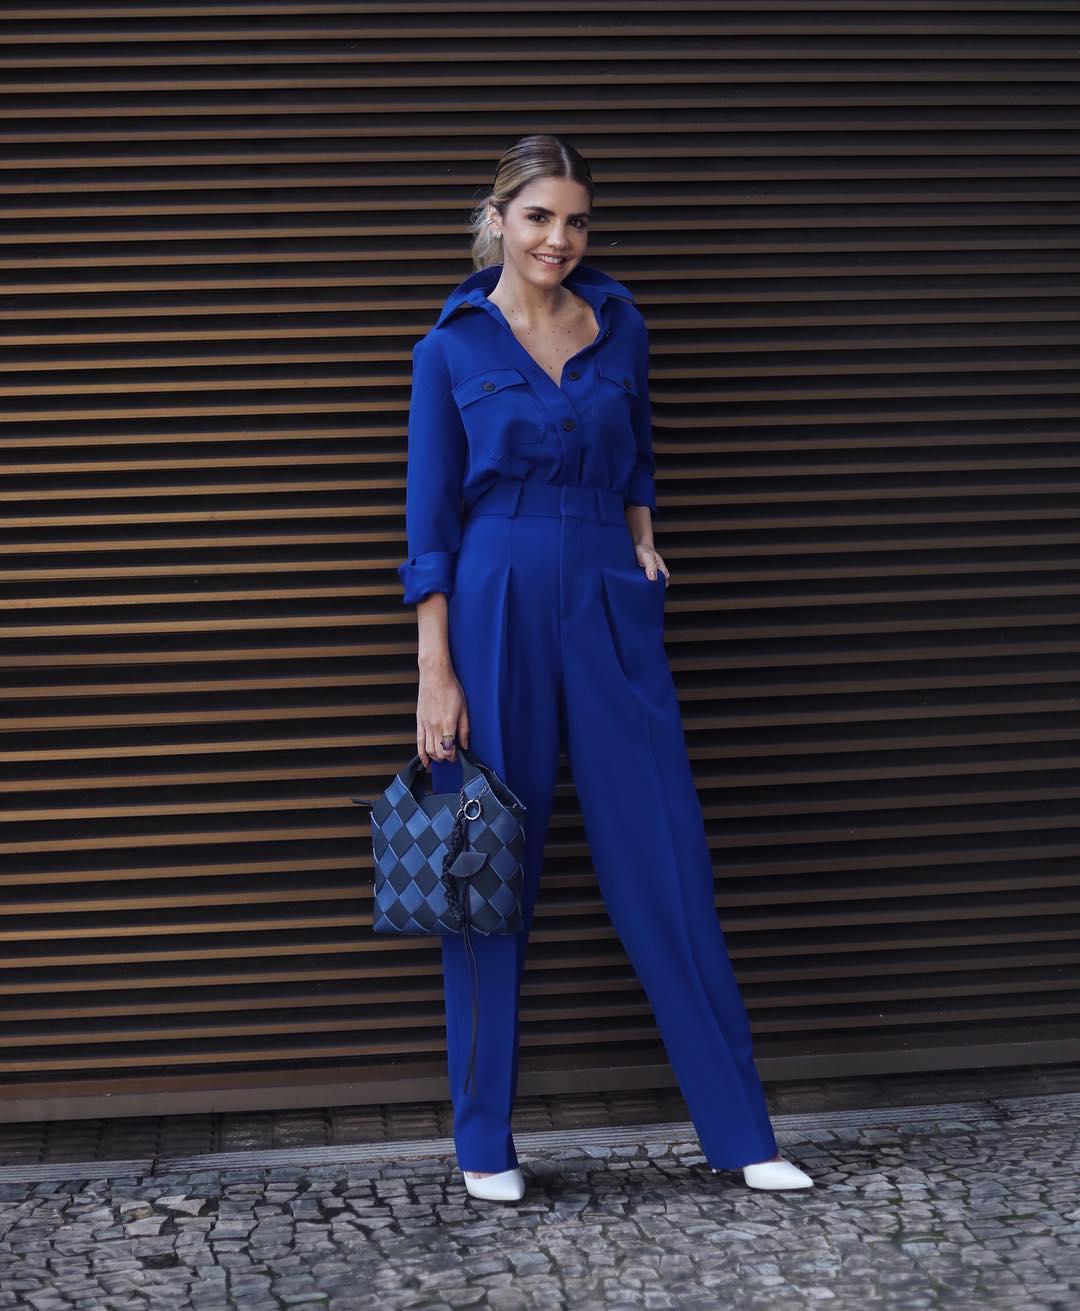 Quần tây nữ và áo sơ mi đồng bộ màu xanh dương